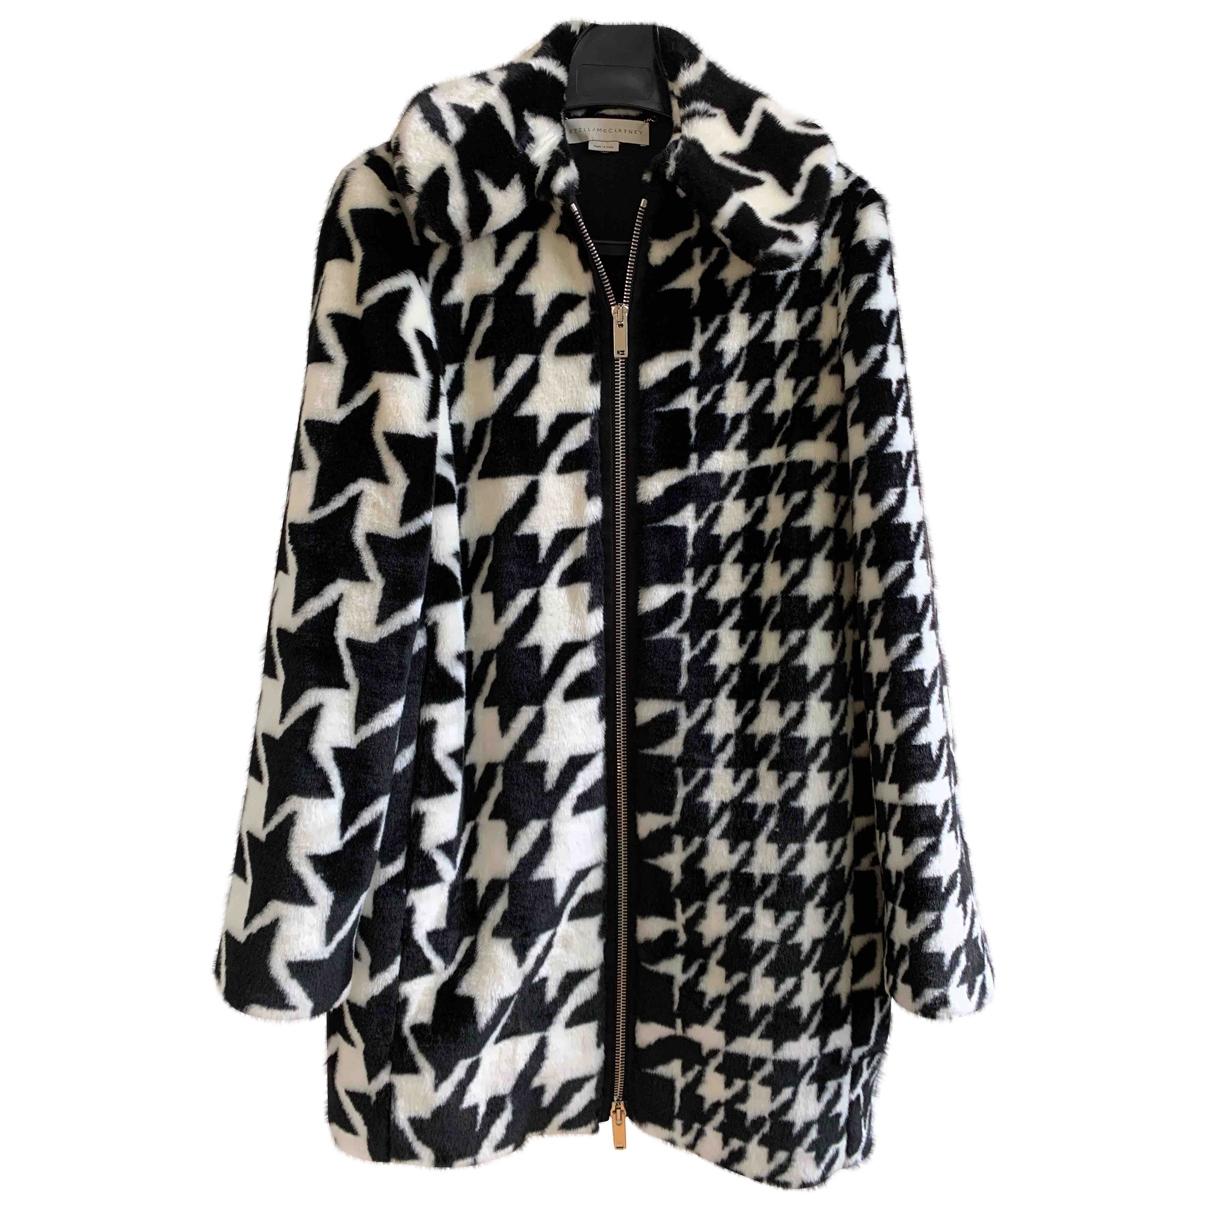 Stella Mccartney - Manteau   pour femme en fourrure synthetique